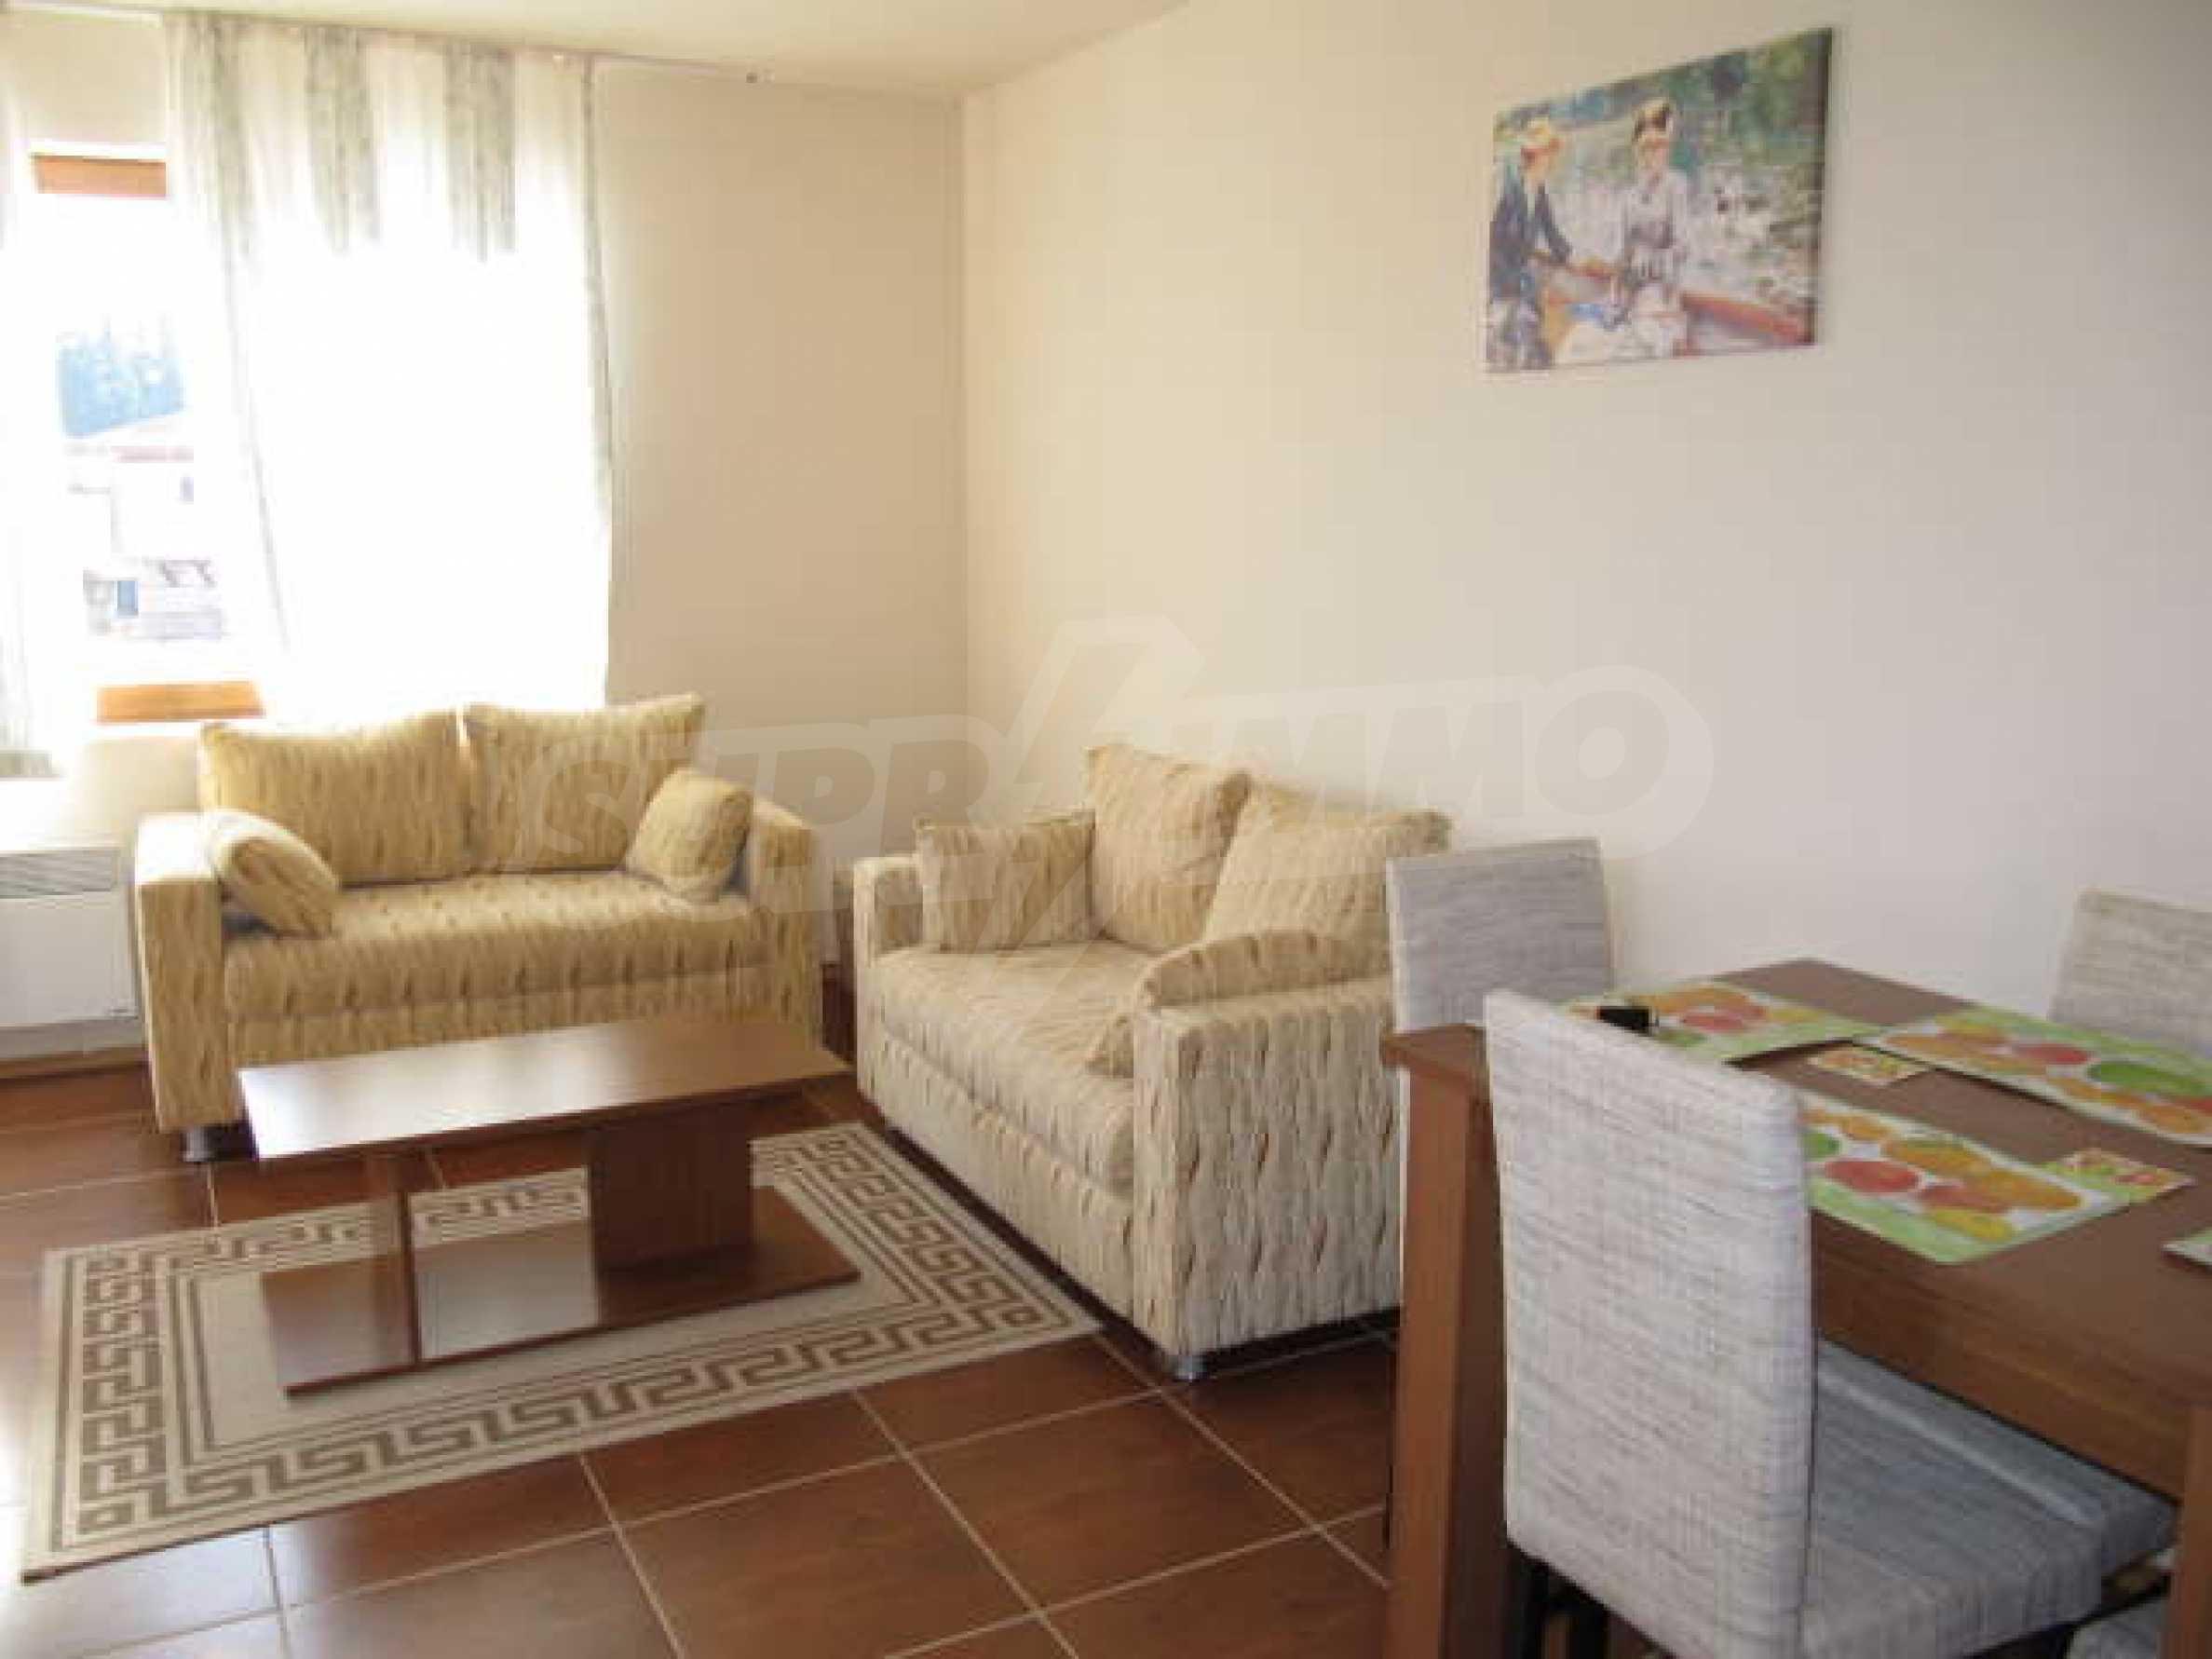 Komplett eingerichtete und ausgestattete Wohnung im Lucky-Komplex in Pamporovo